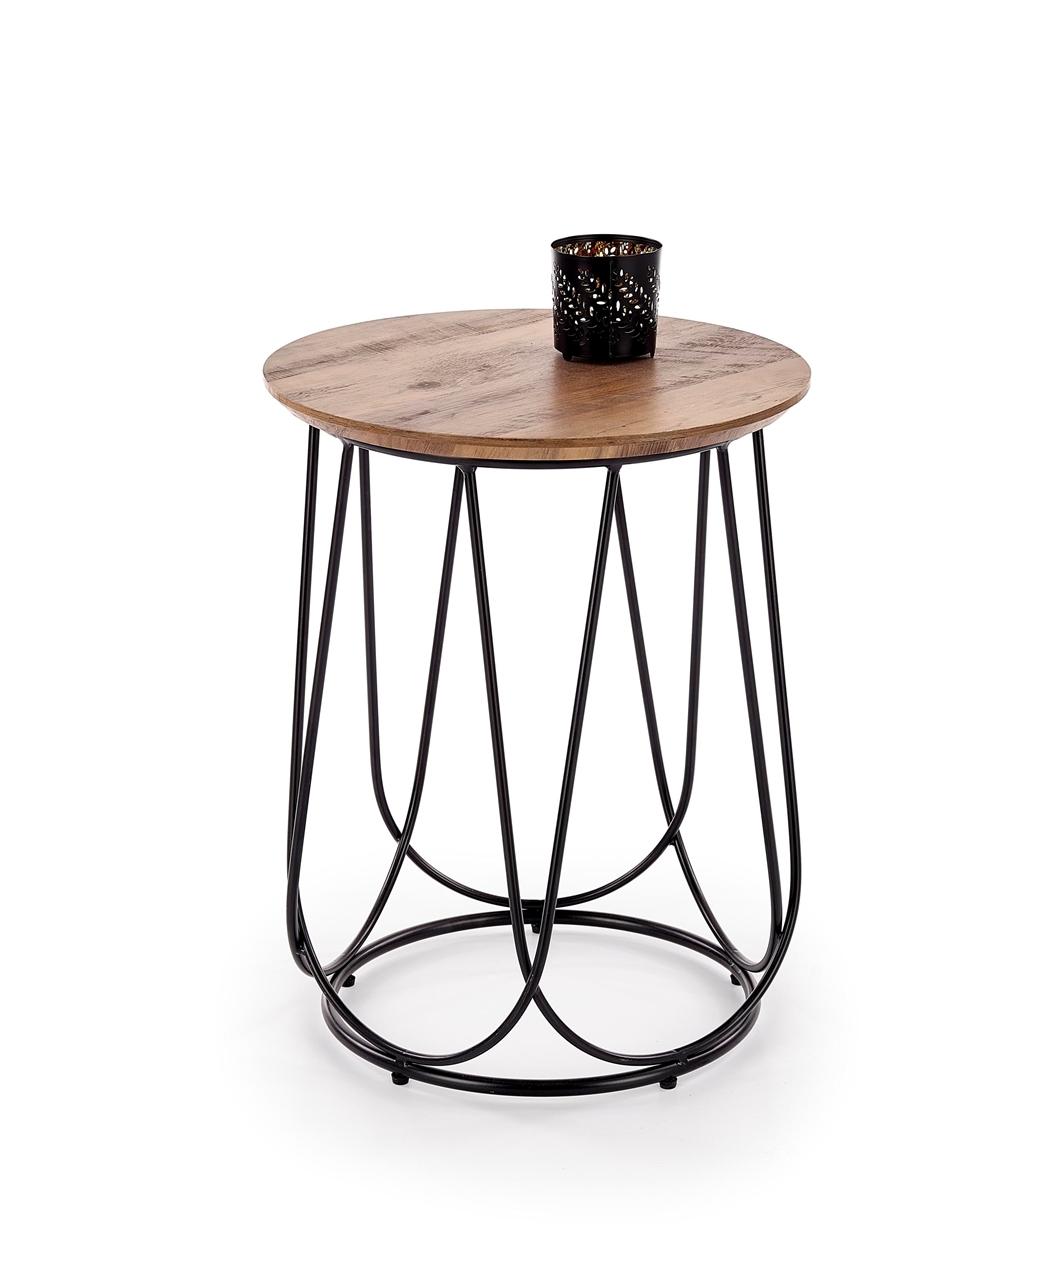 čierna + orech - Príručný stolík NUBIRA-S